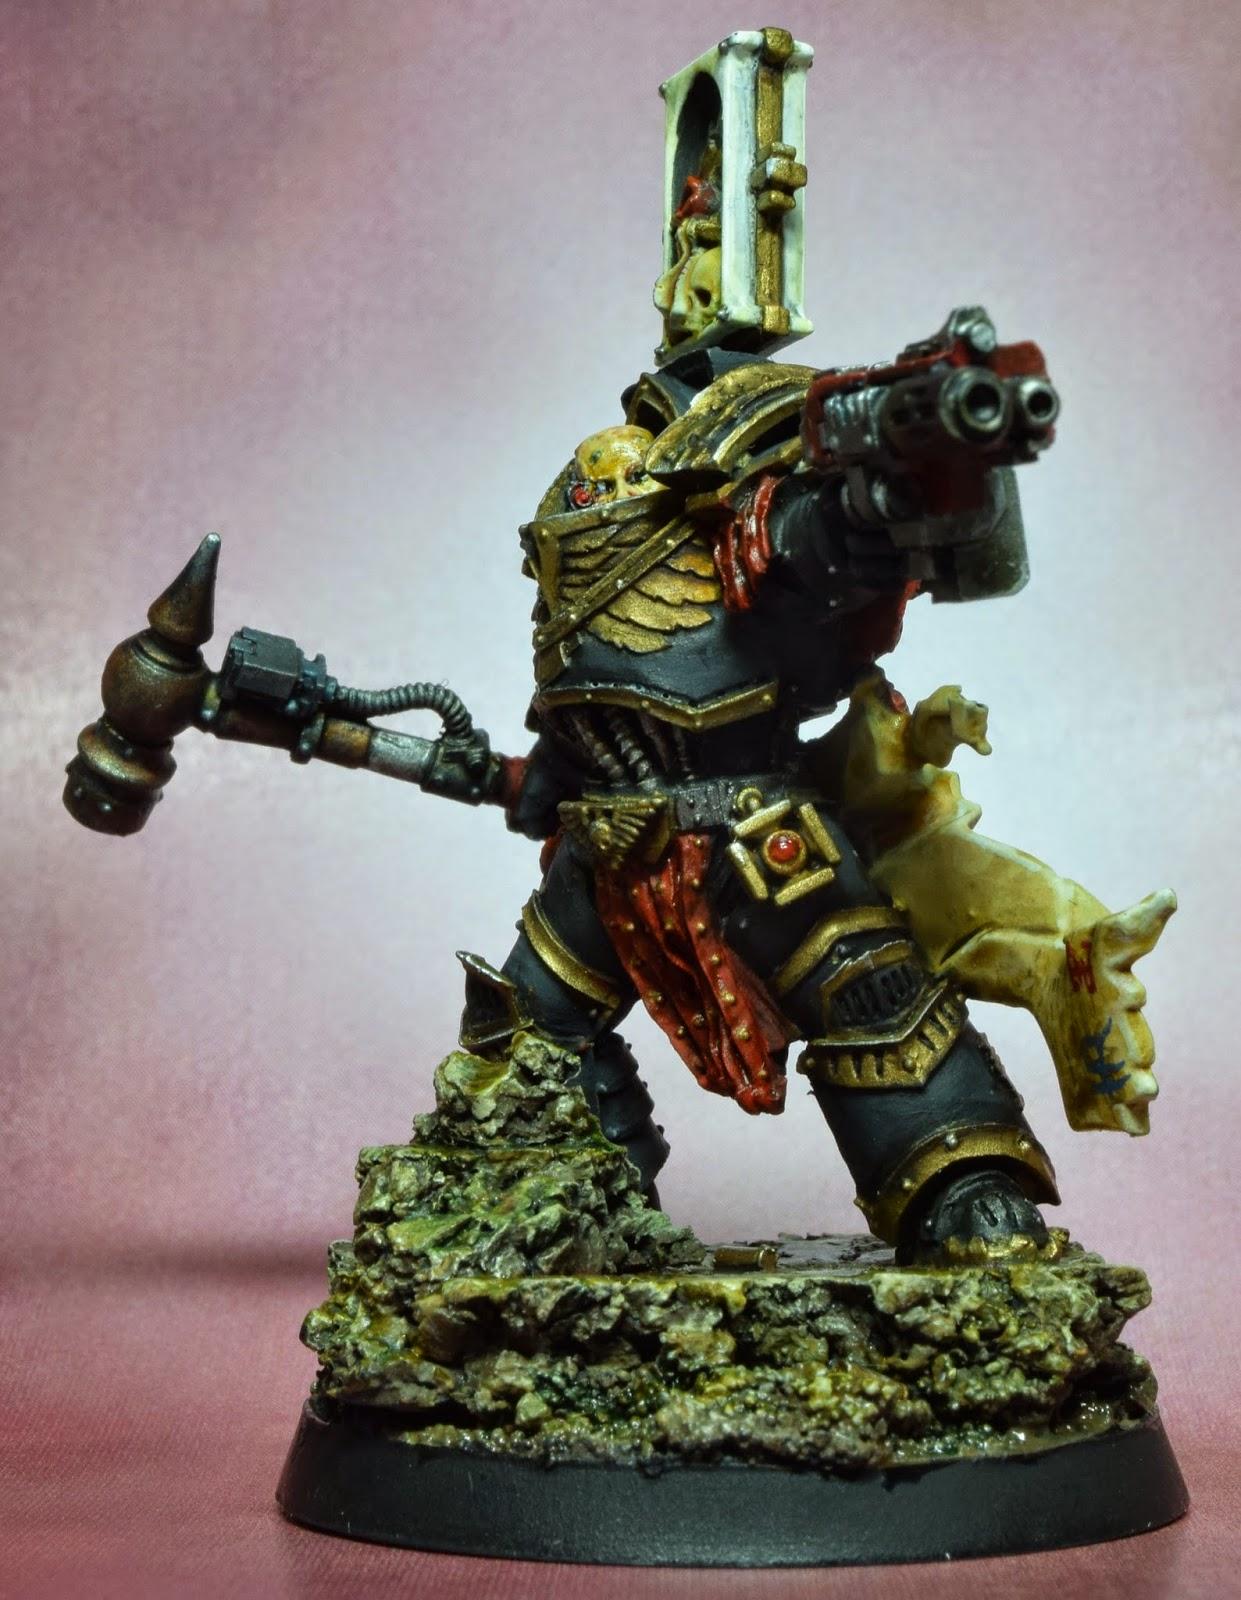 Ordo Malleus Inquisitor